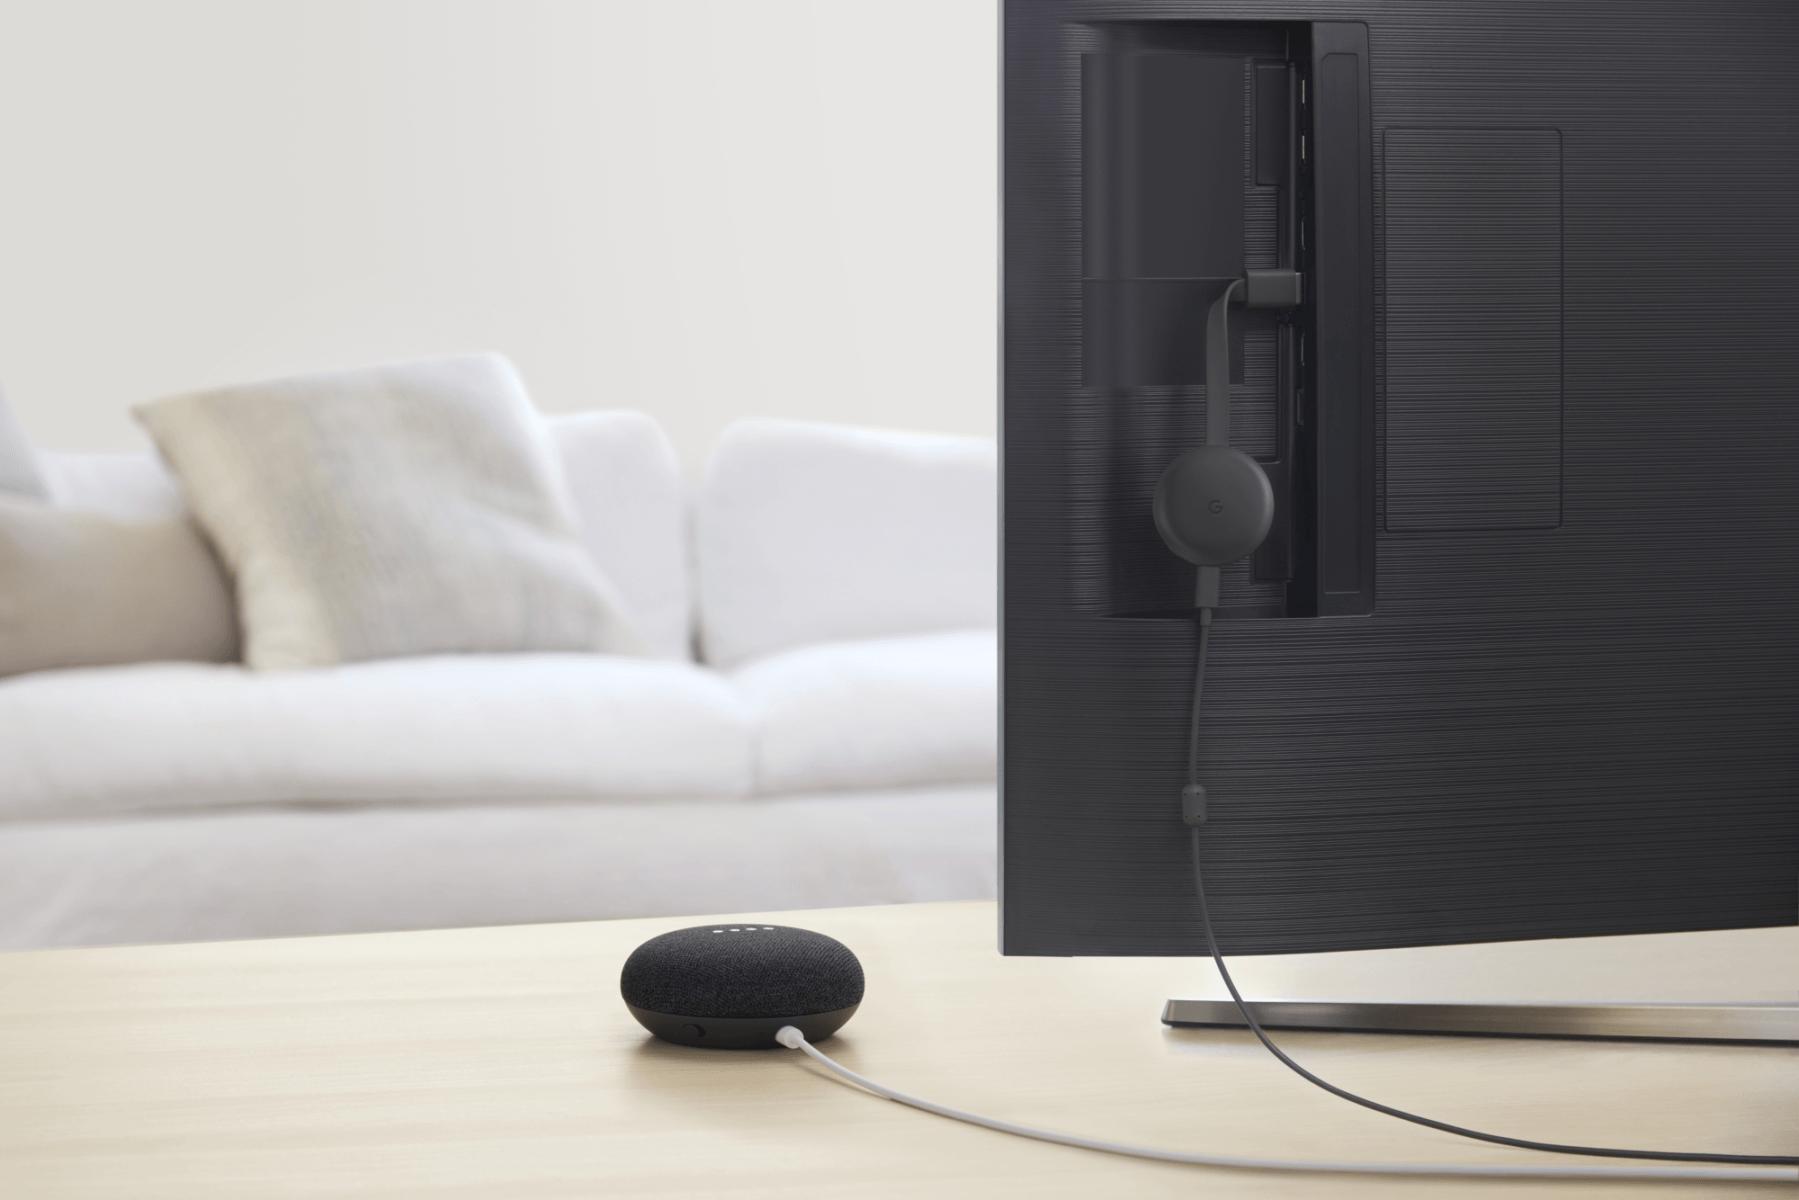 Google Nest Mini cena głośnik inteligentny Asystent Google Home Mini opinie plotki przecieki wycieki